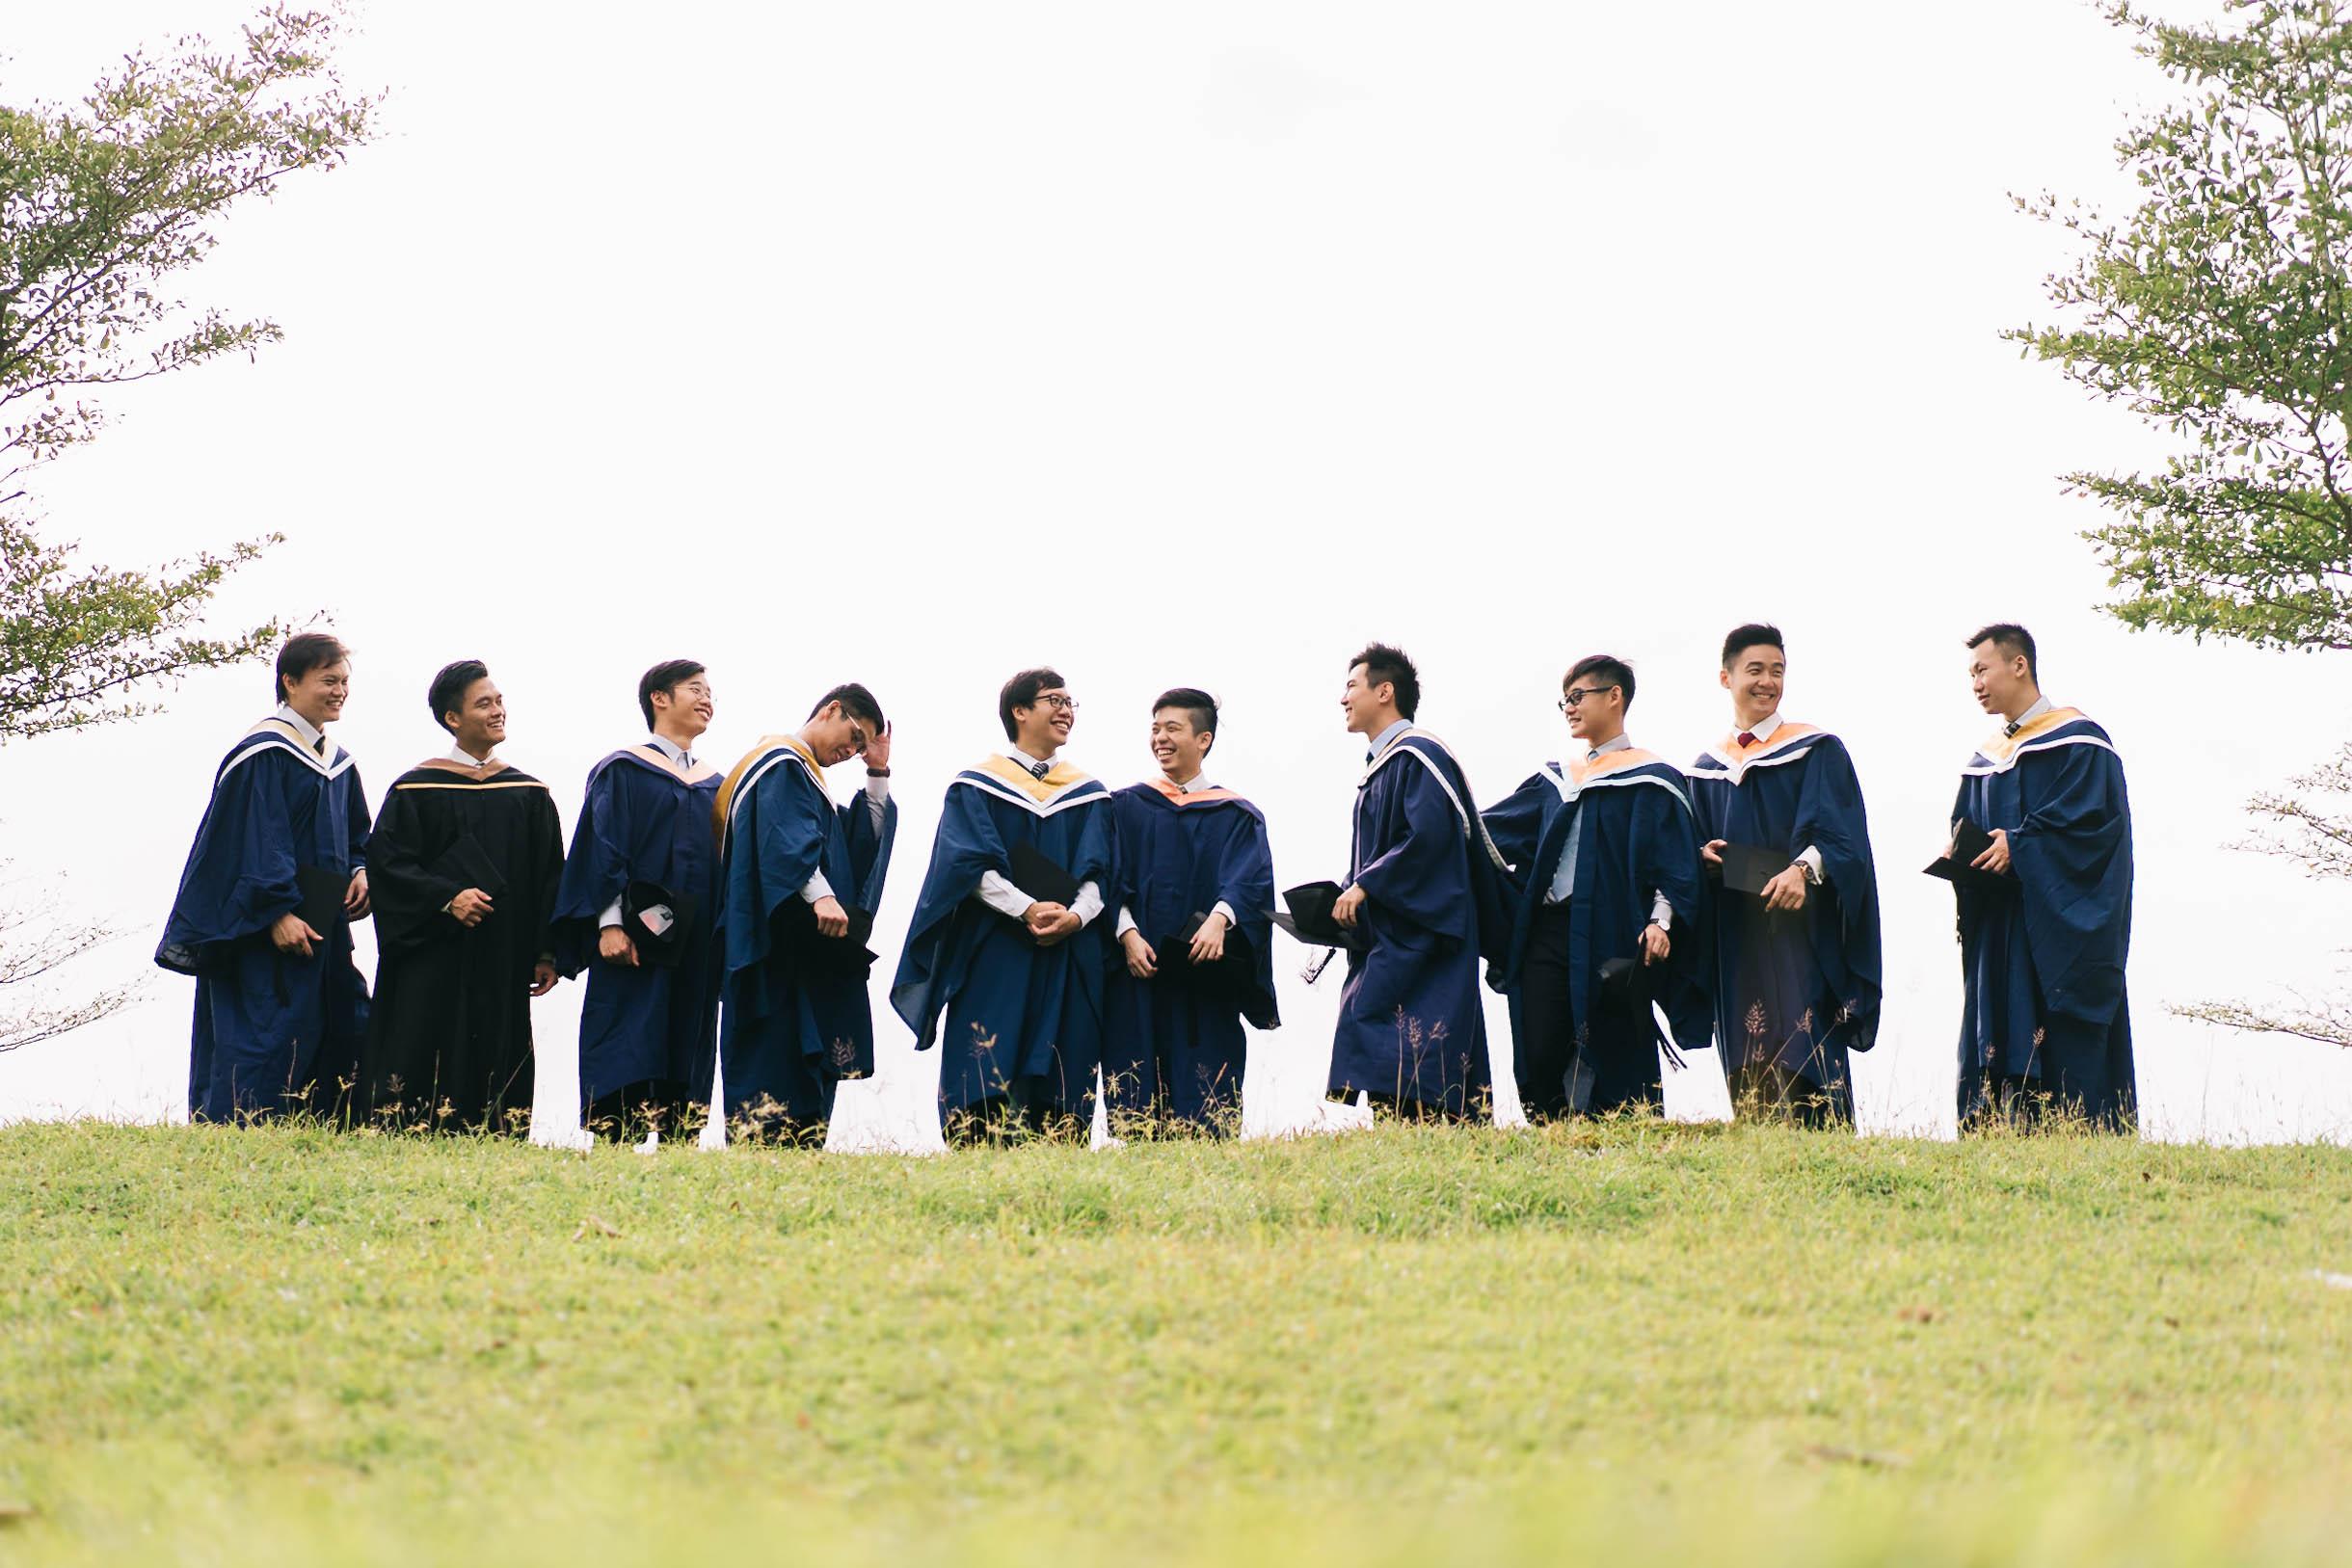 20180729-Graduation - Portfolio-022